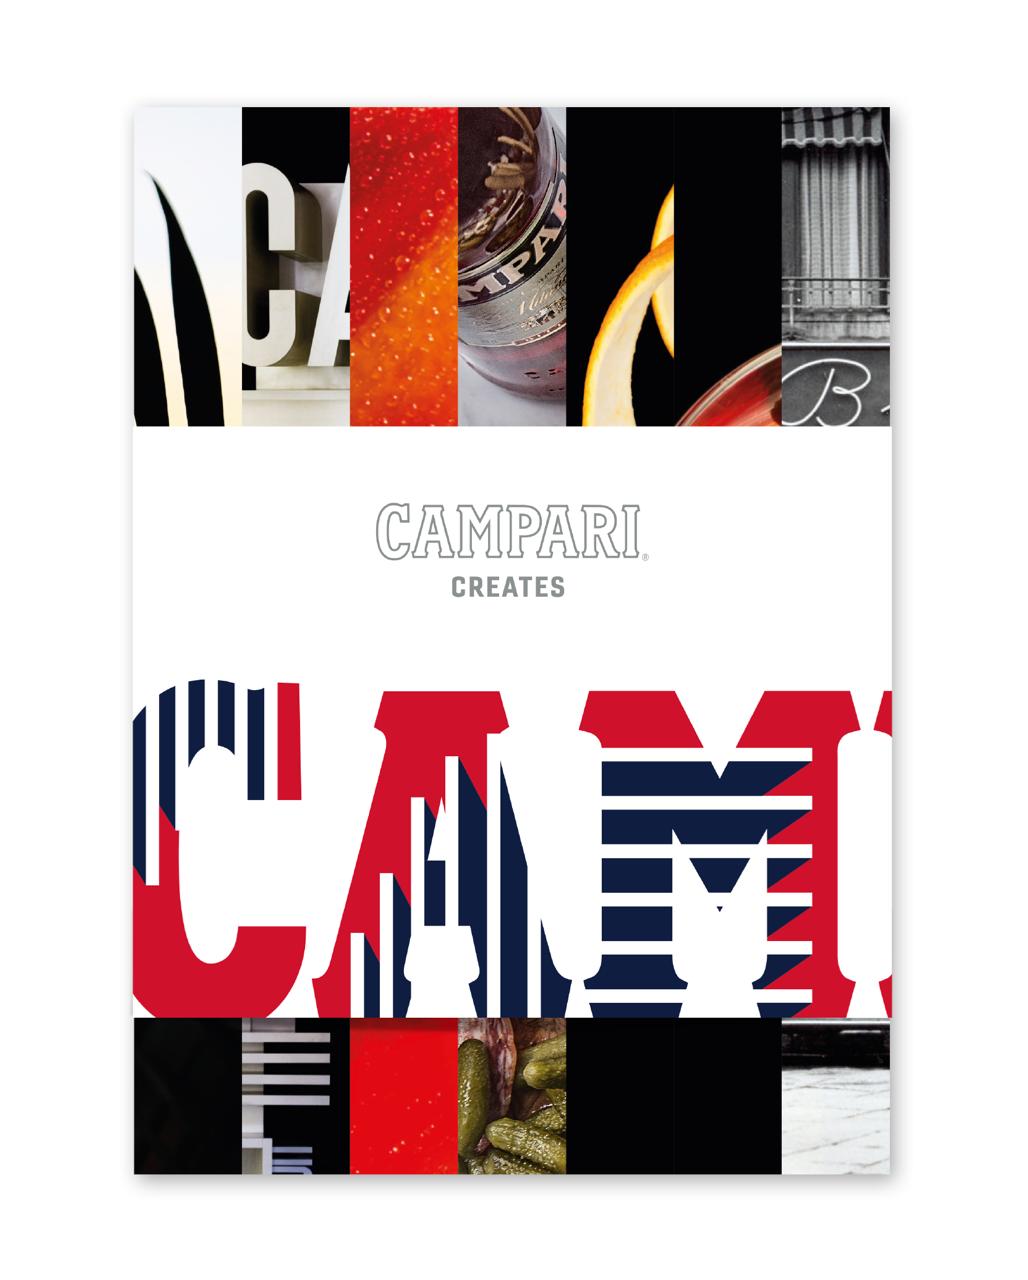 La Vita Campari © Spinach